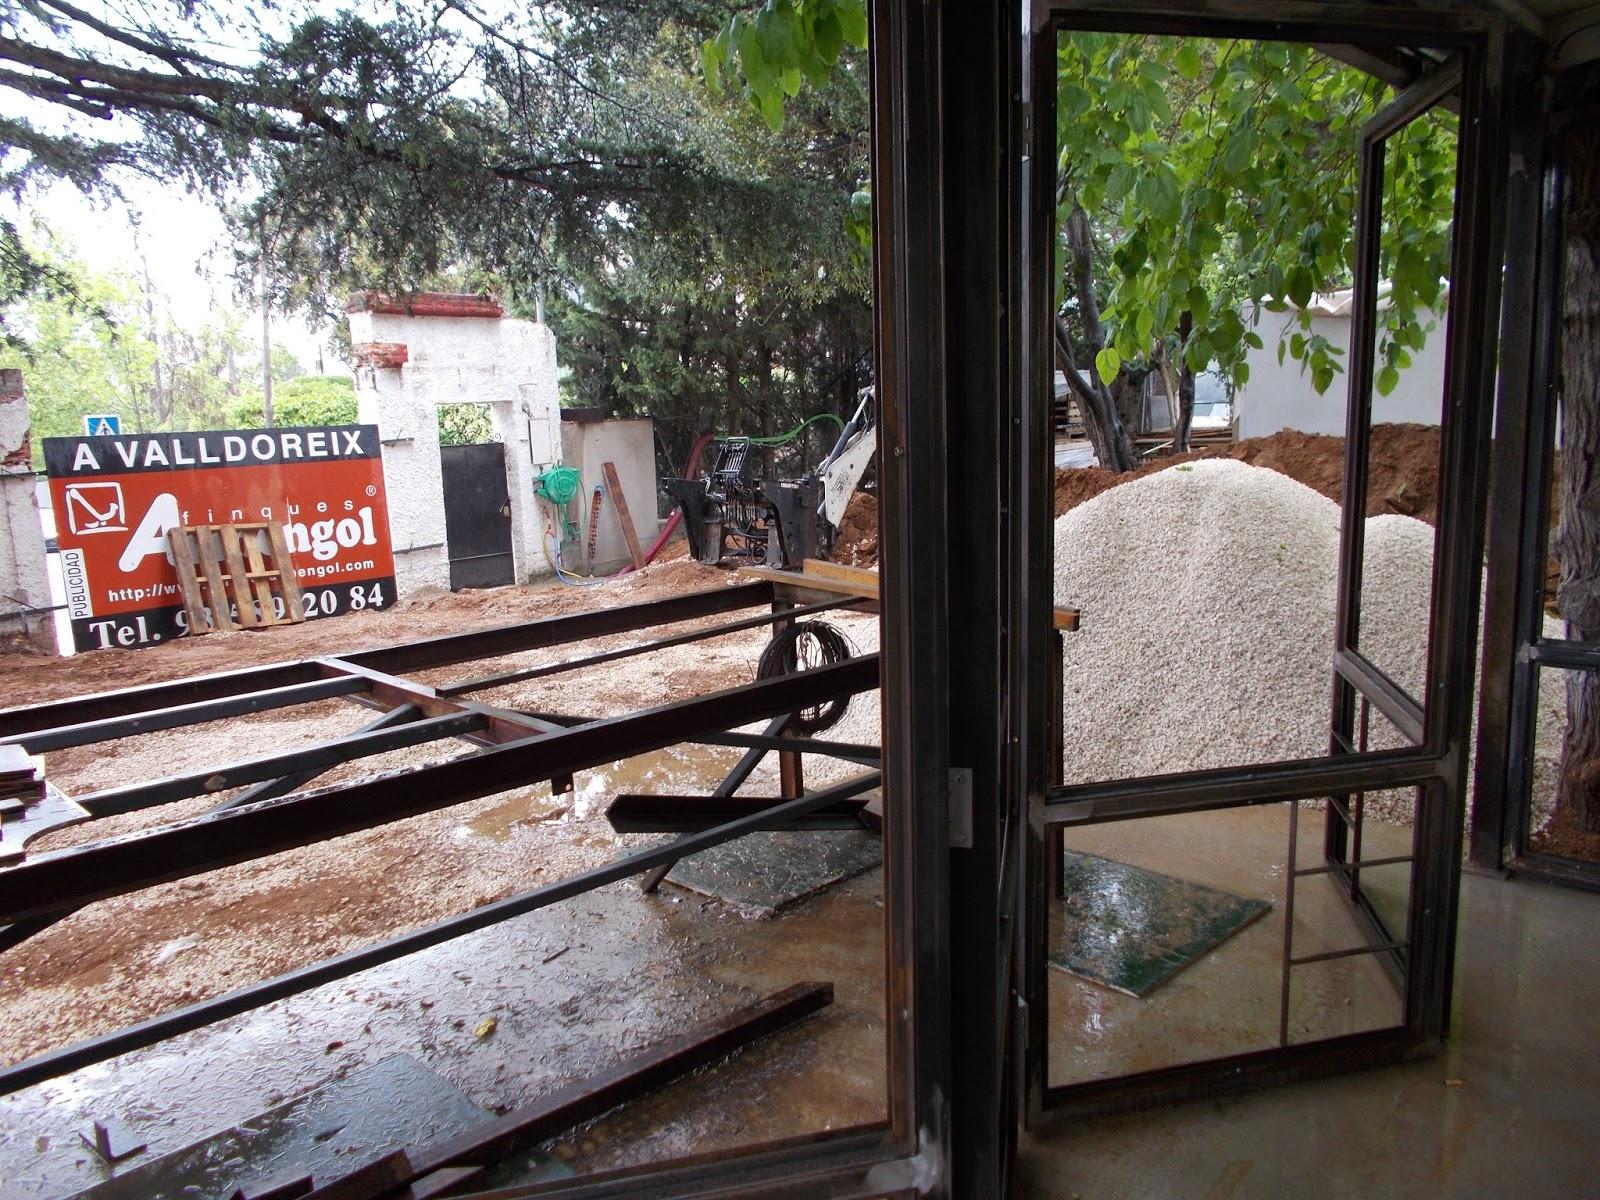 PRIMERA PRUEBA SOBRE EL PLEGADO EN ZIG-ZAG DE LOS VENTANALES